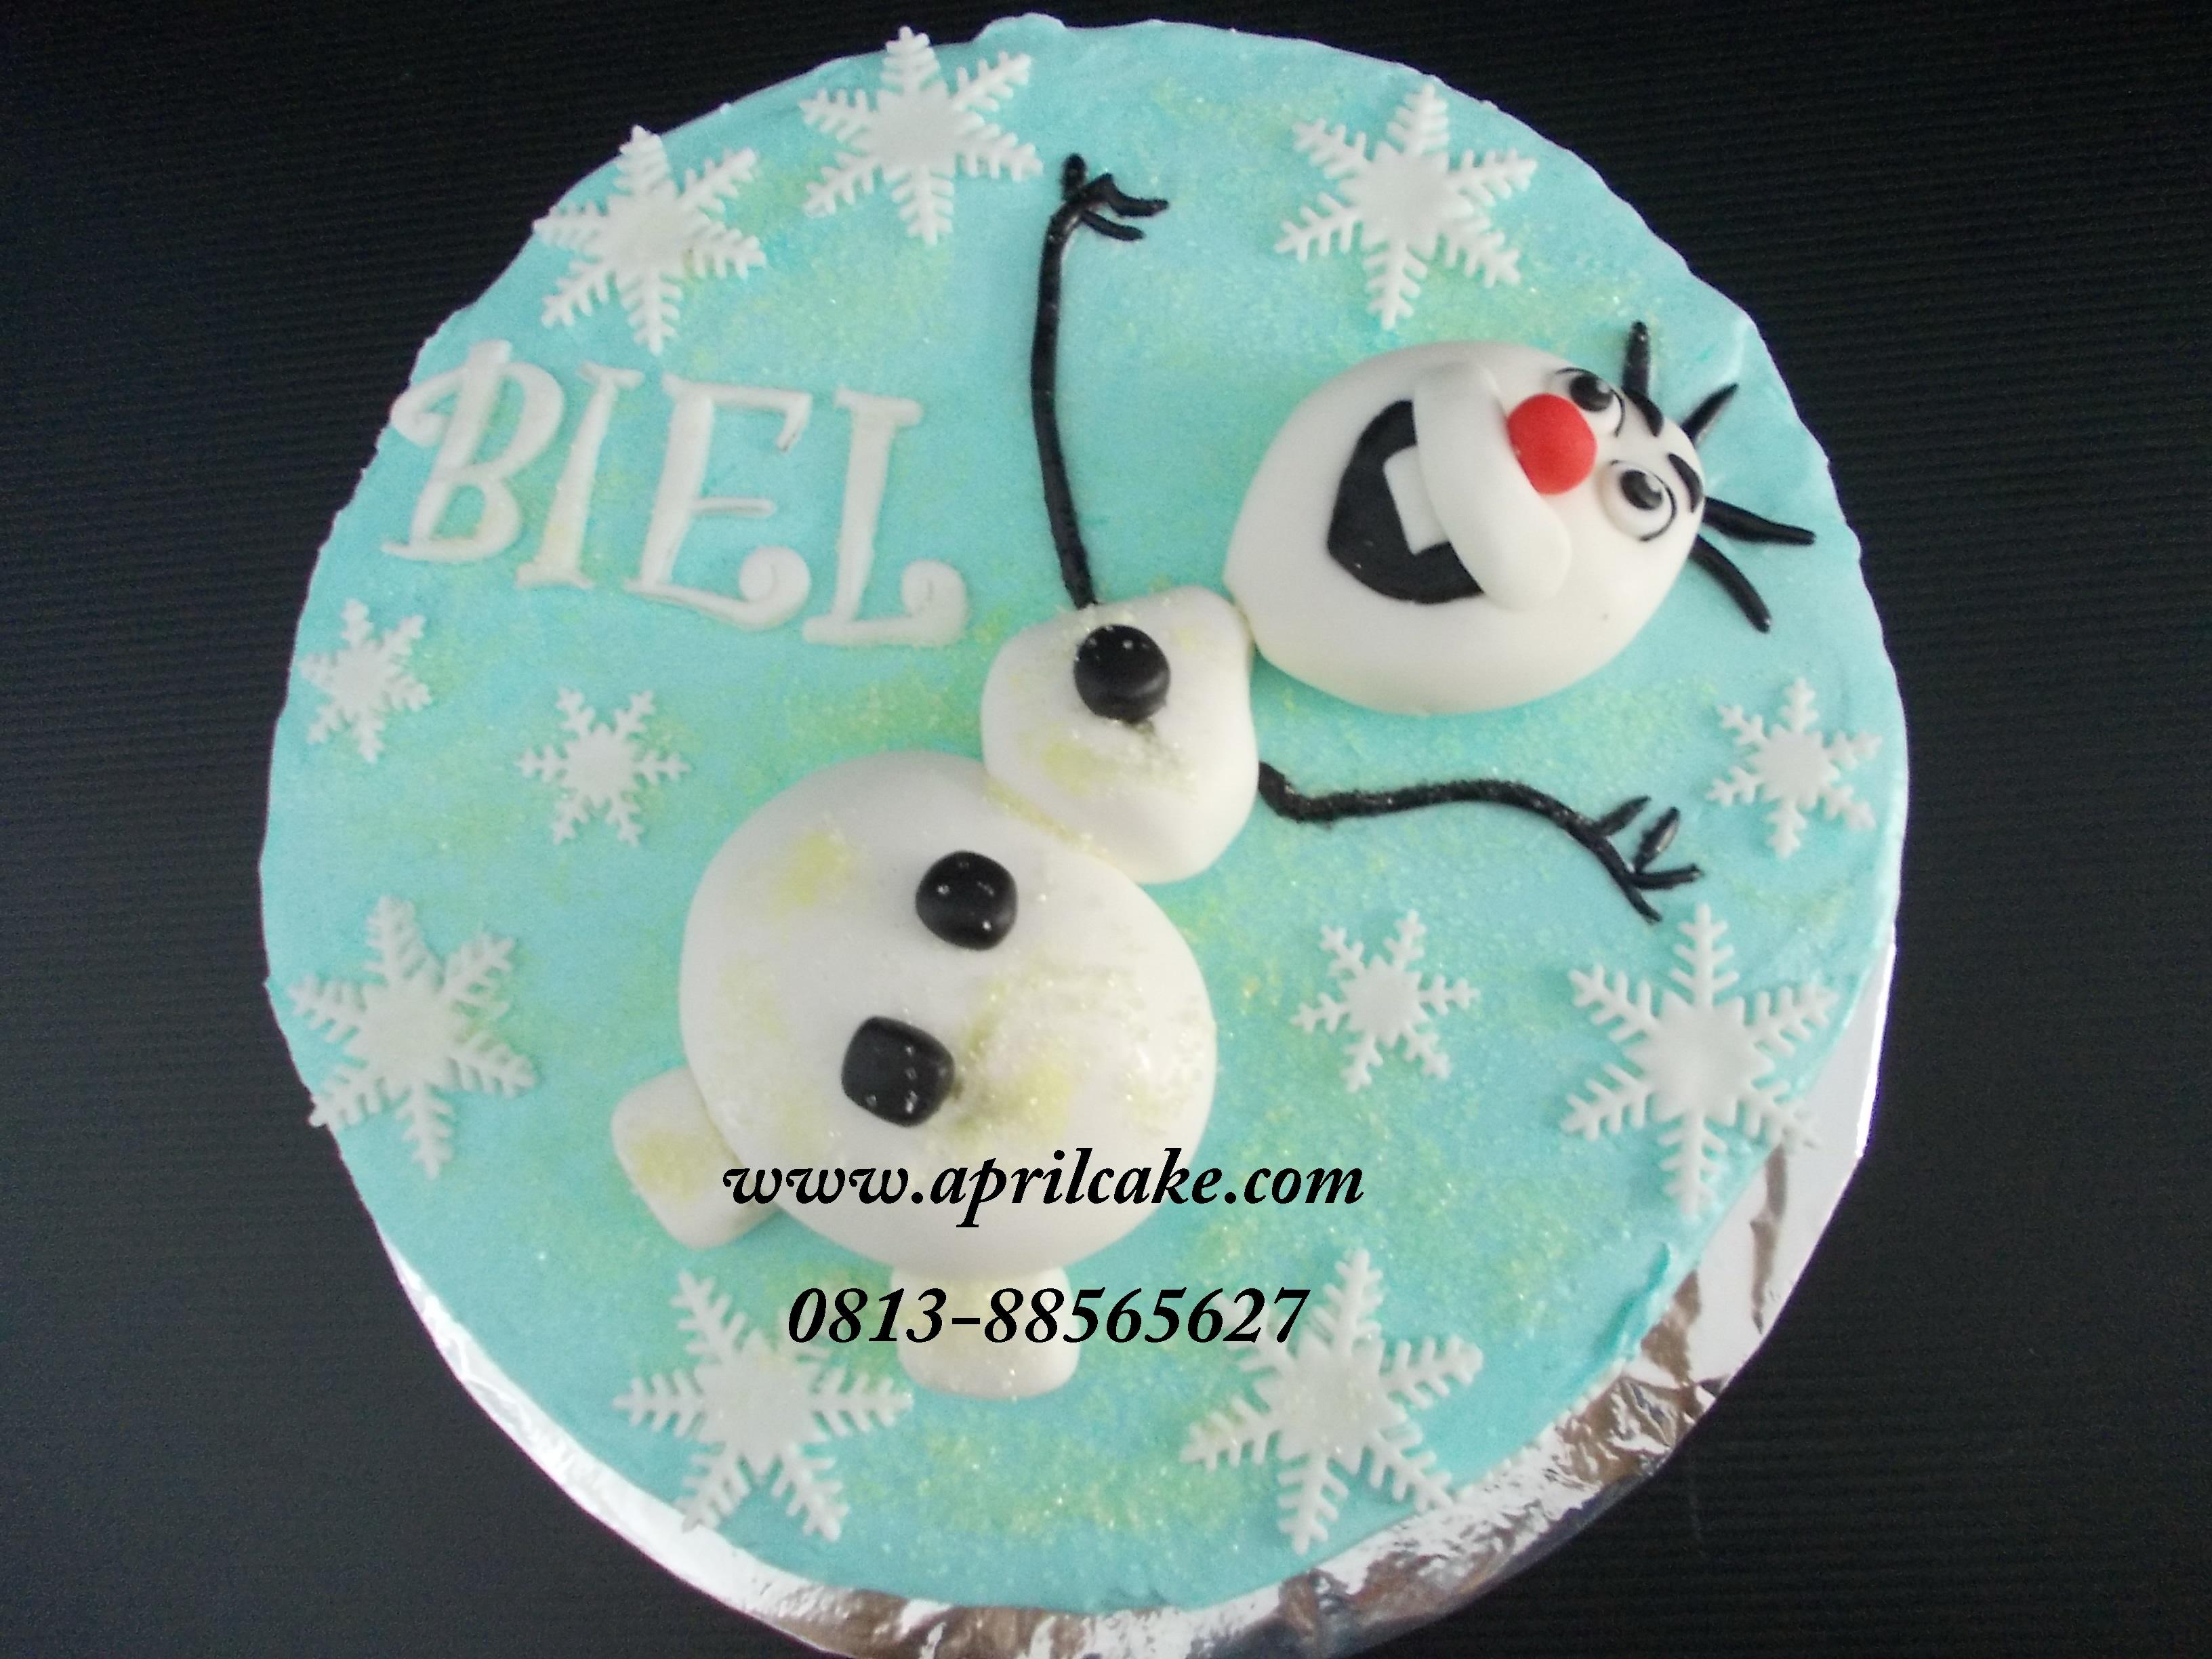 Olaf Frozen Cake Biel